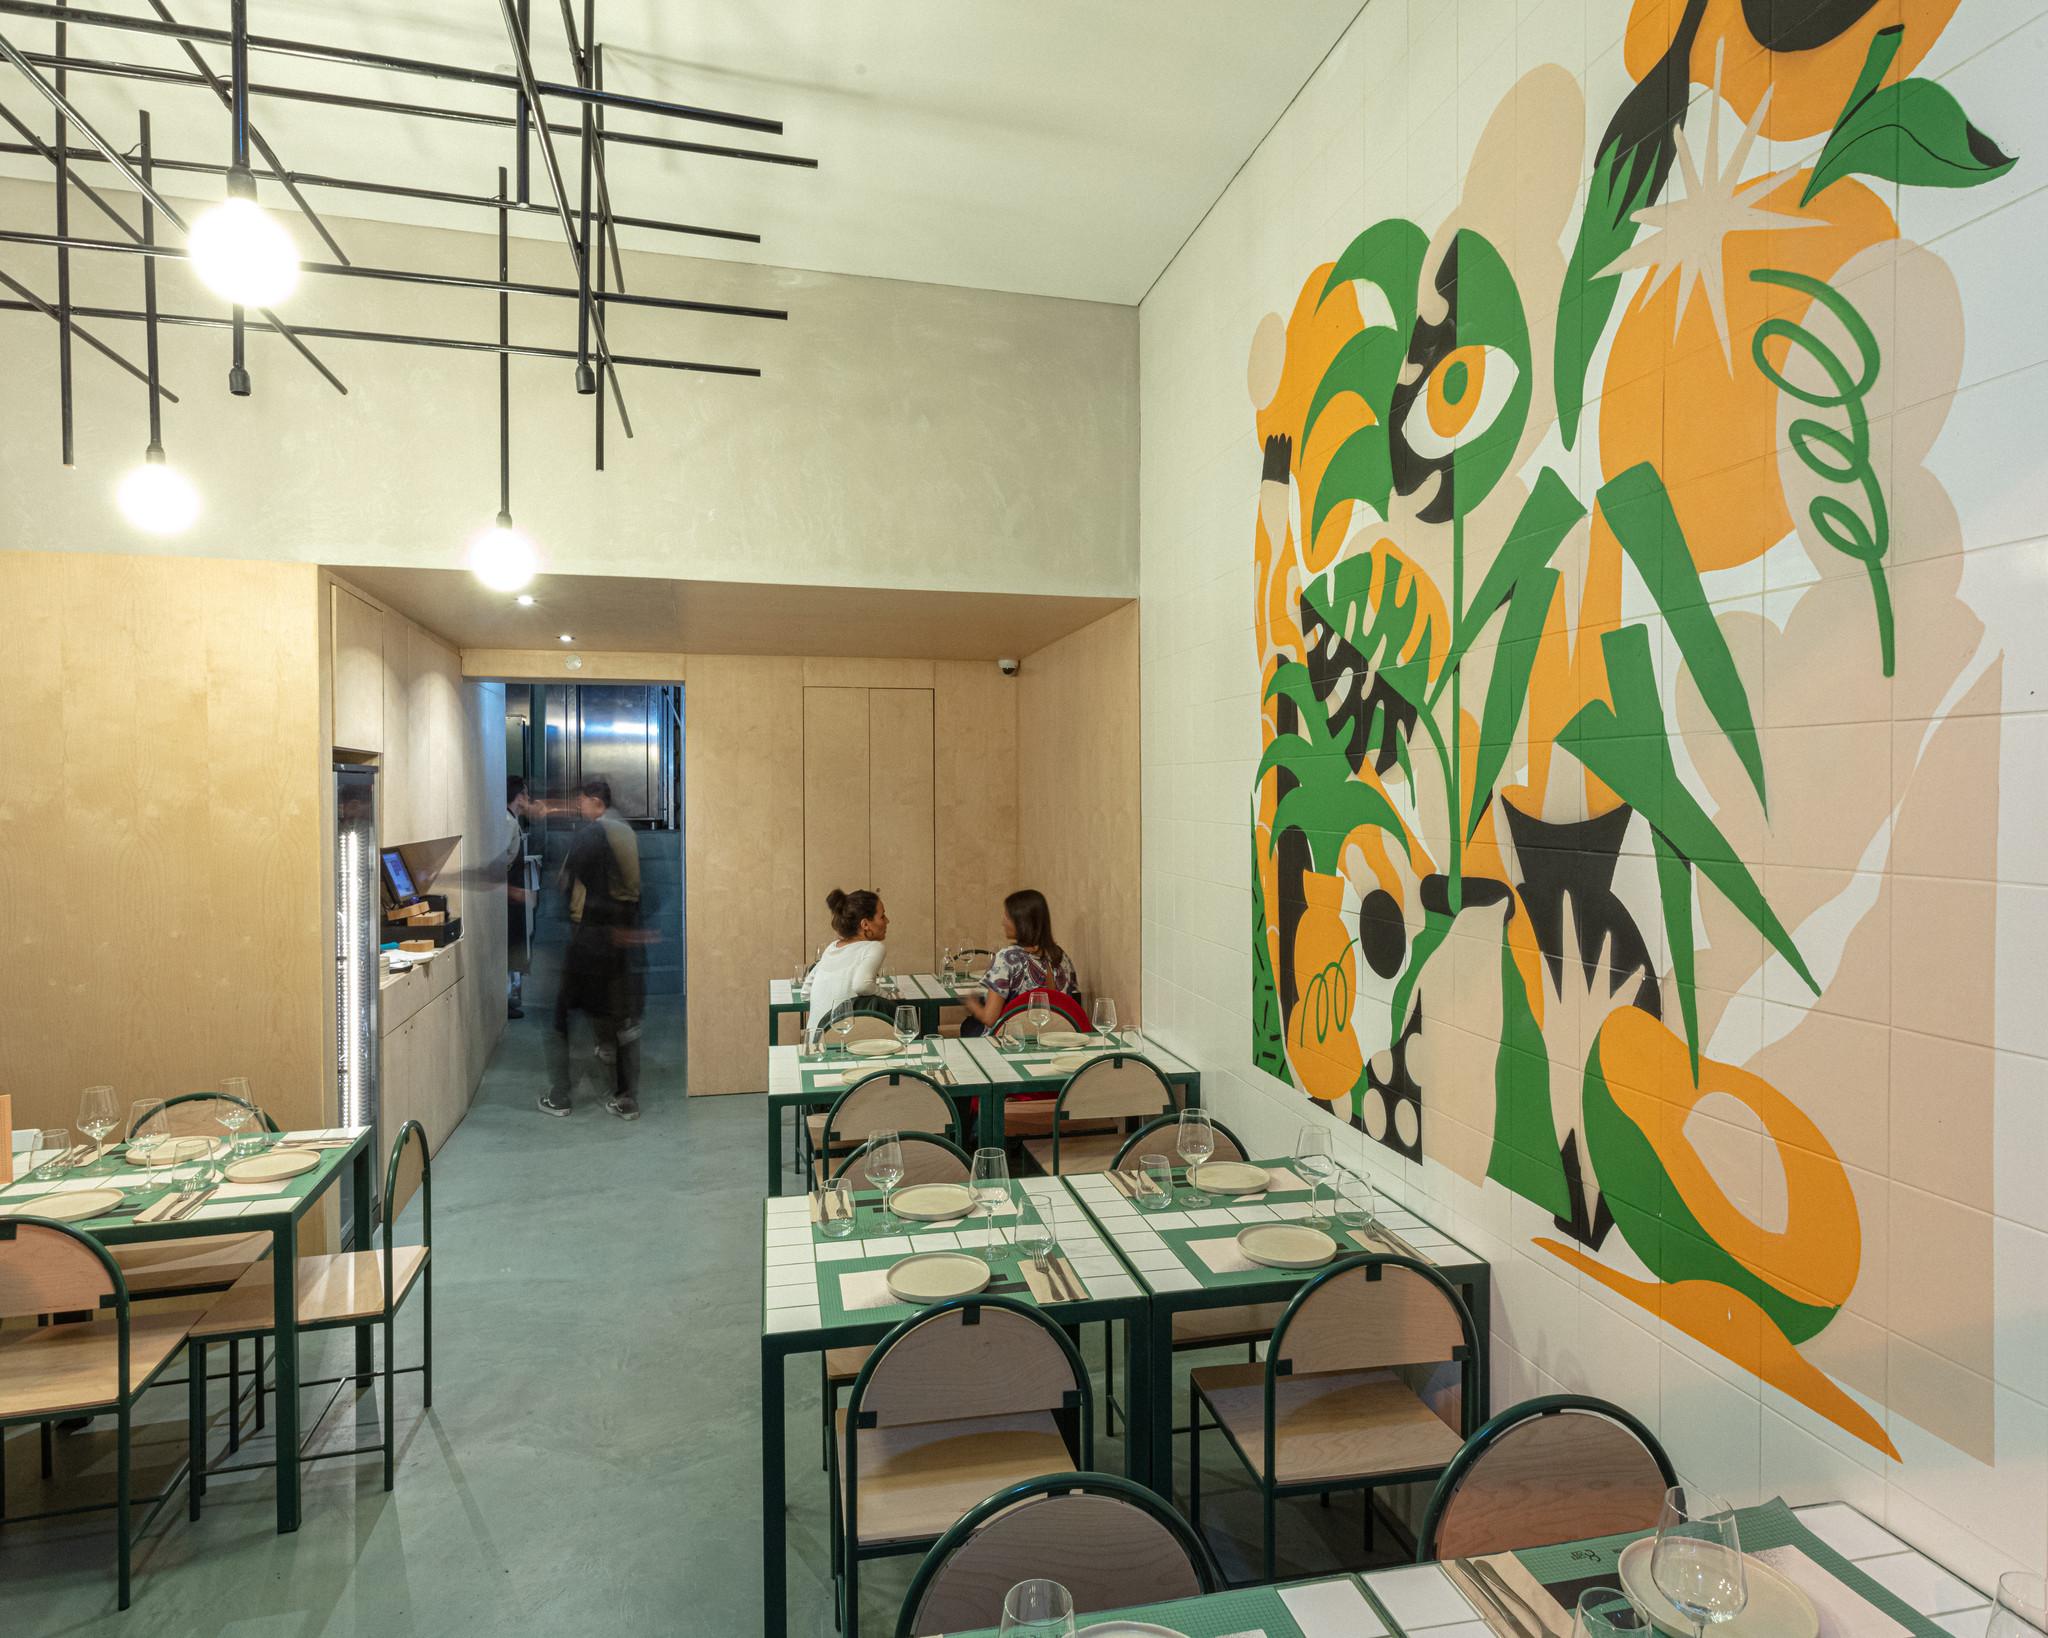 2019101020191010VisaoIstoeumRestaurante009.jpg